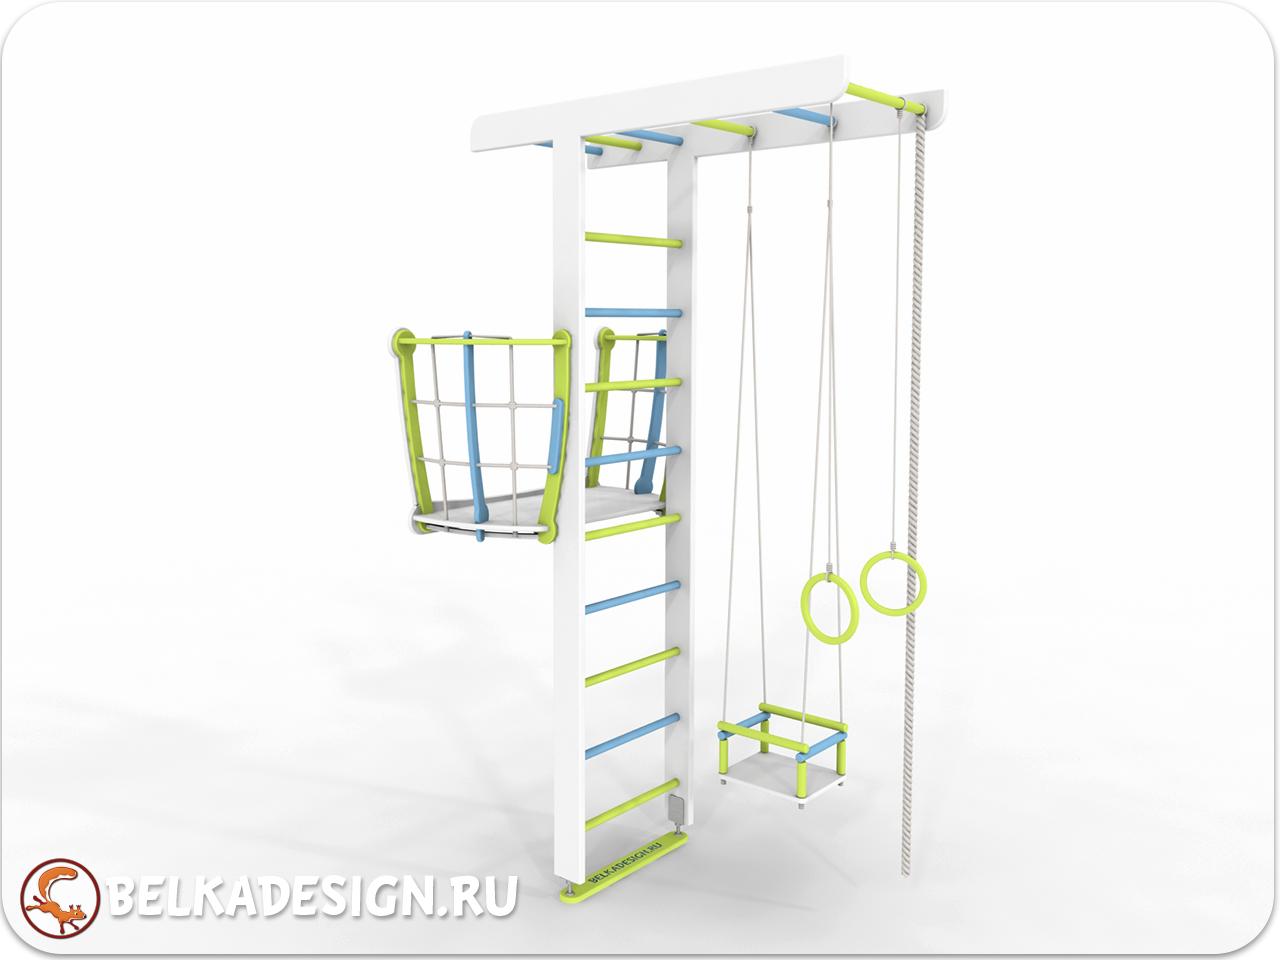 Спорткомплекс с балконом для мальчика